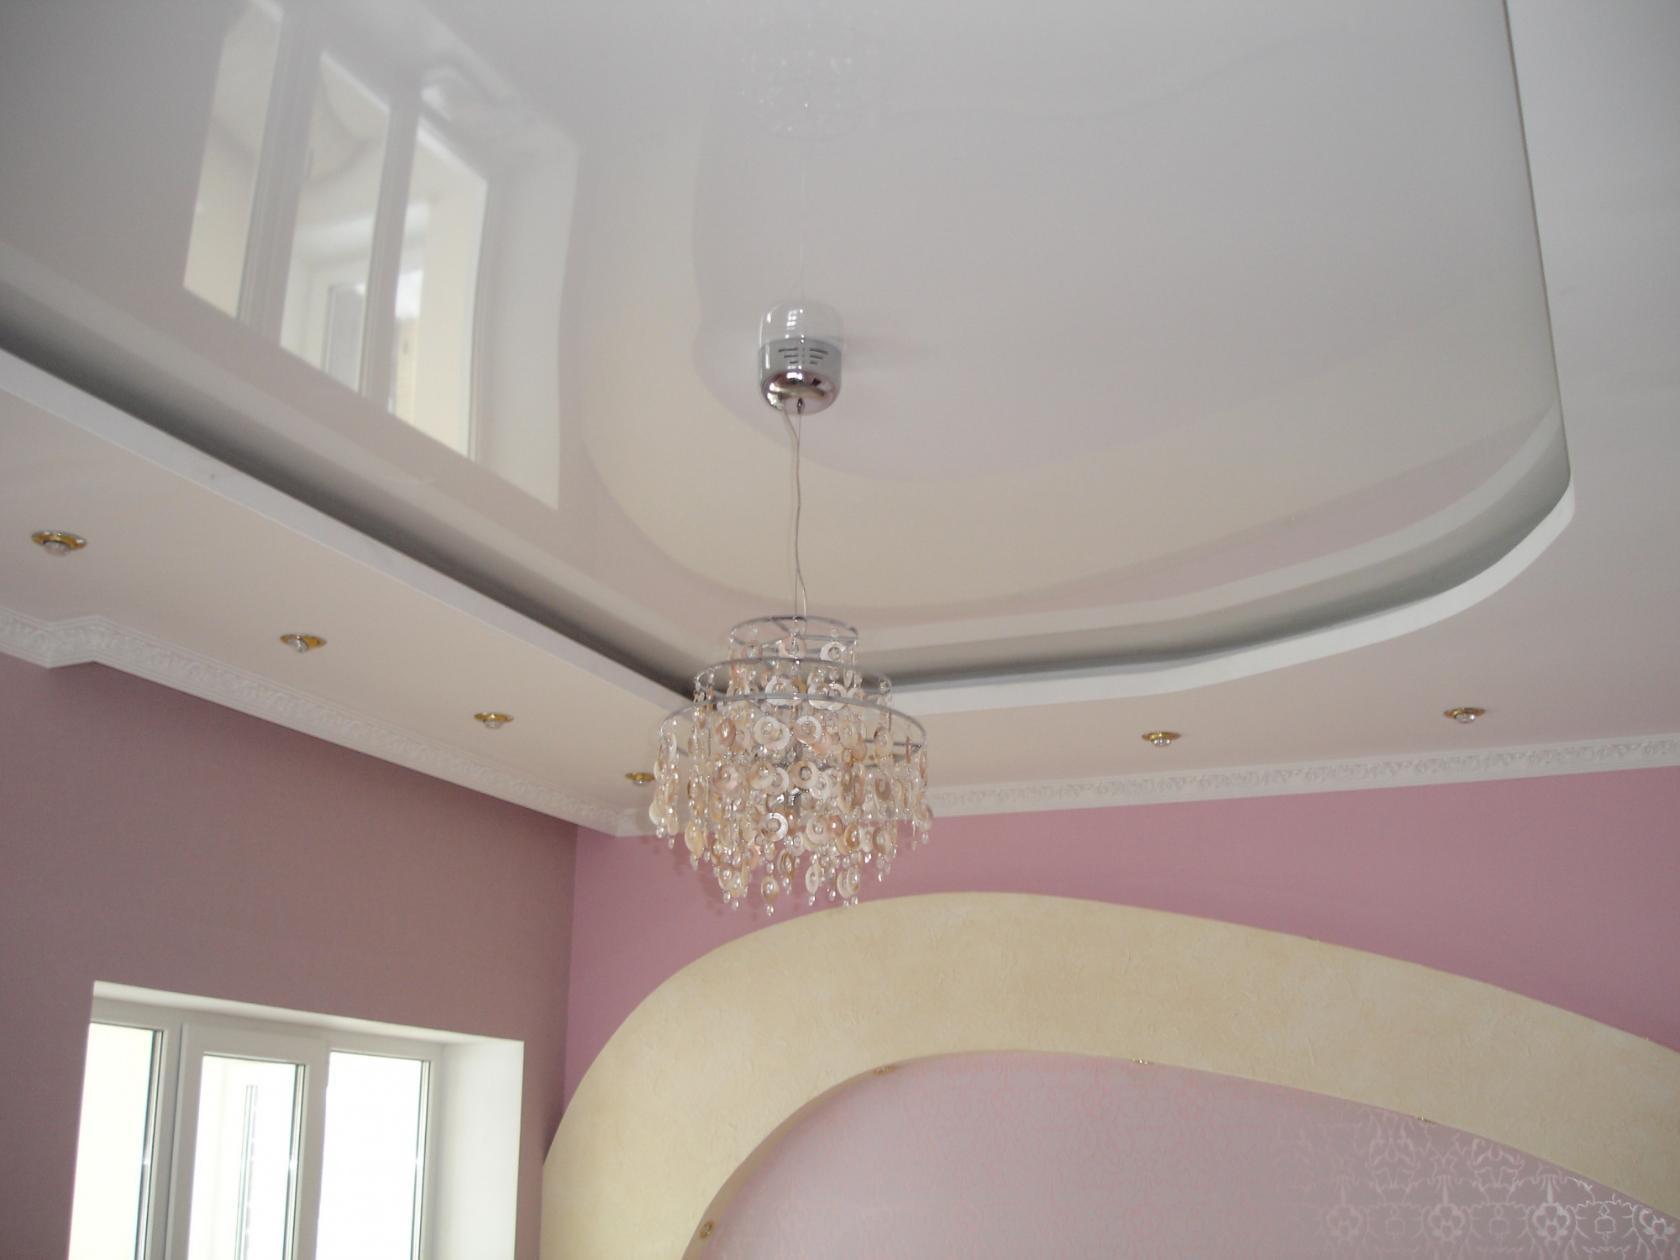 Выравнивание потолка натяжной конструкцией